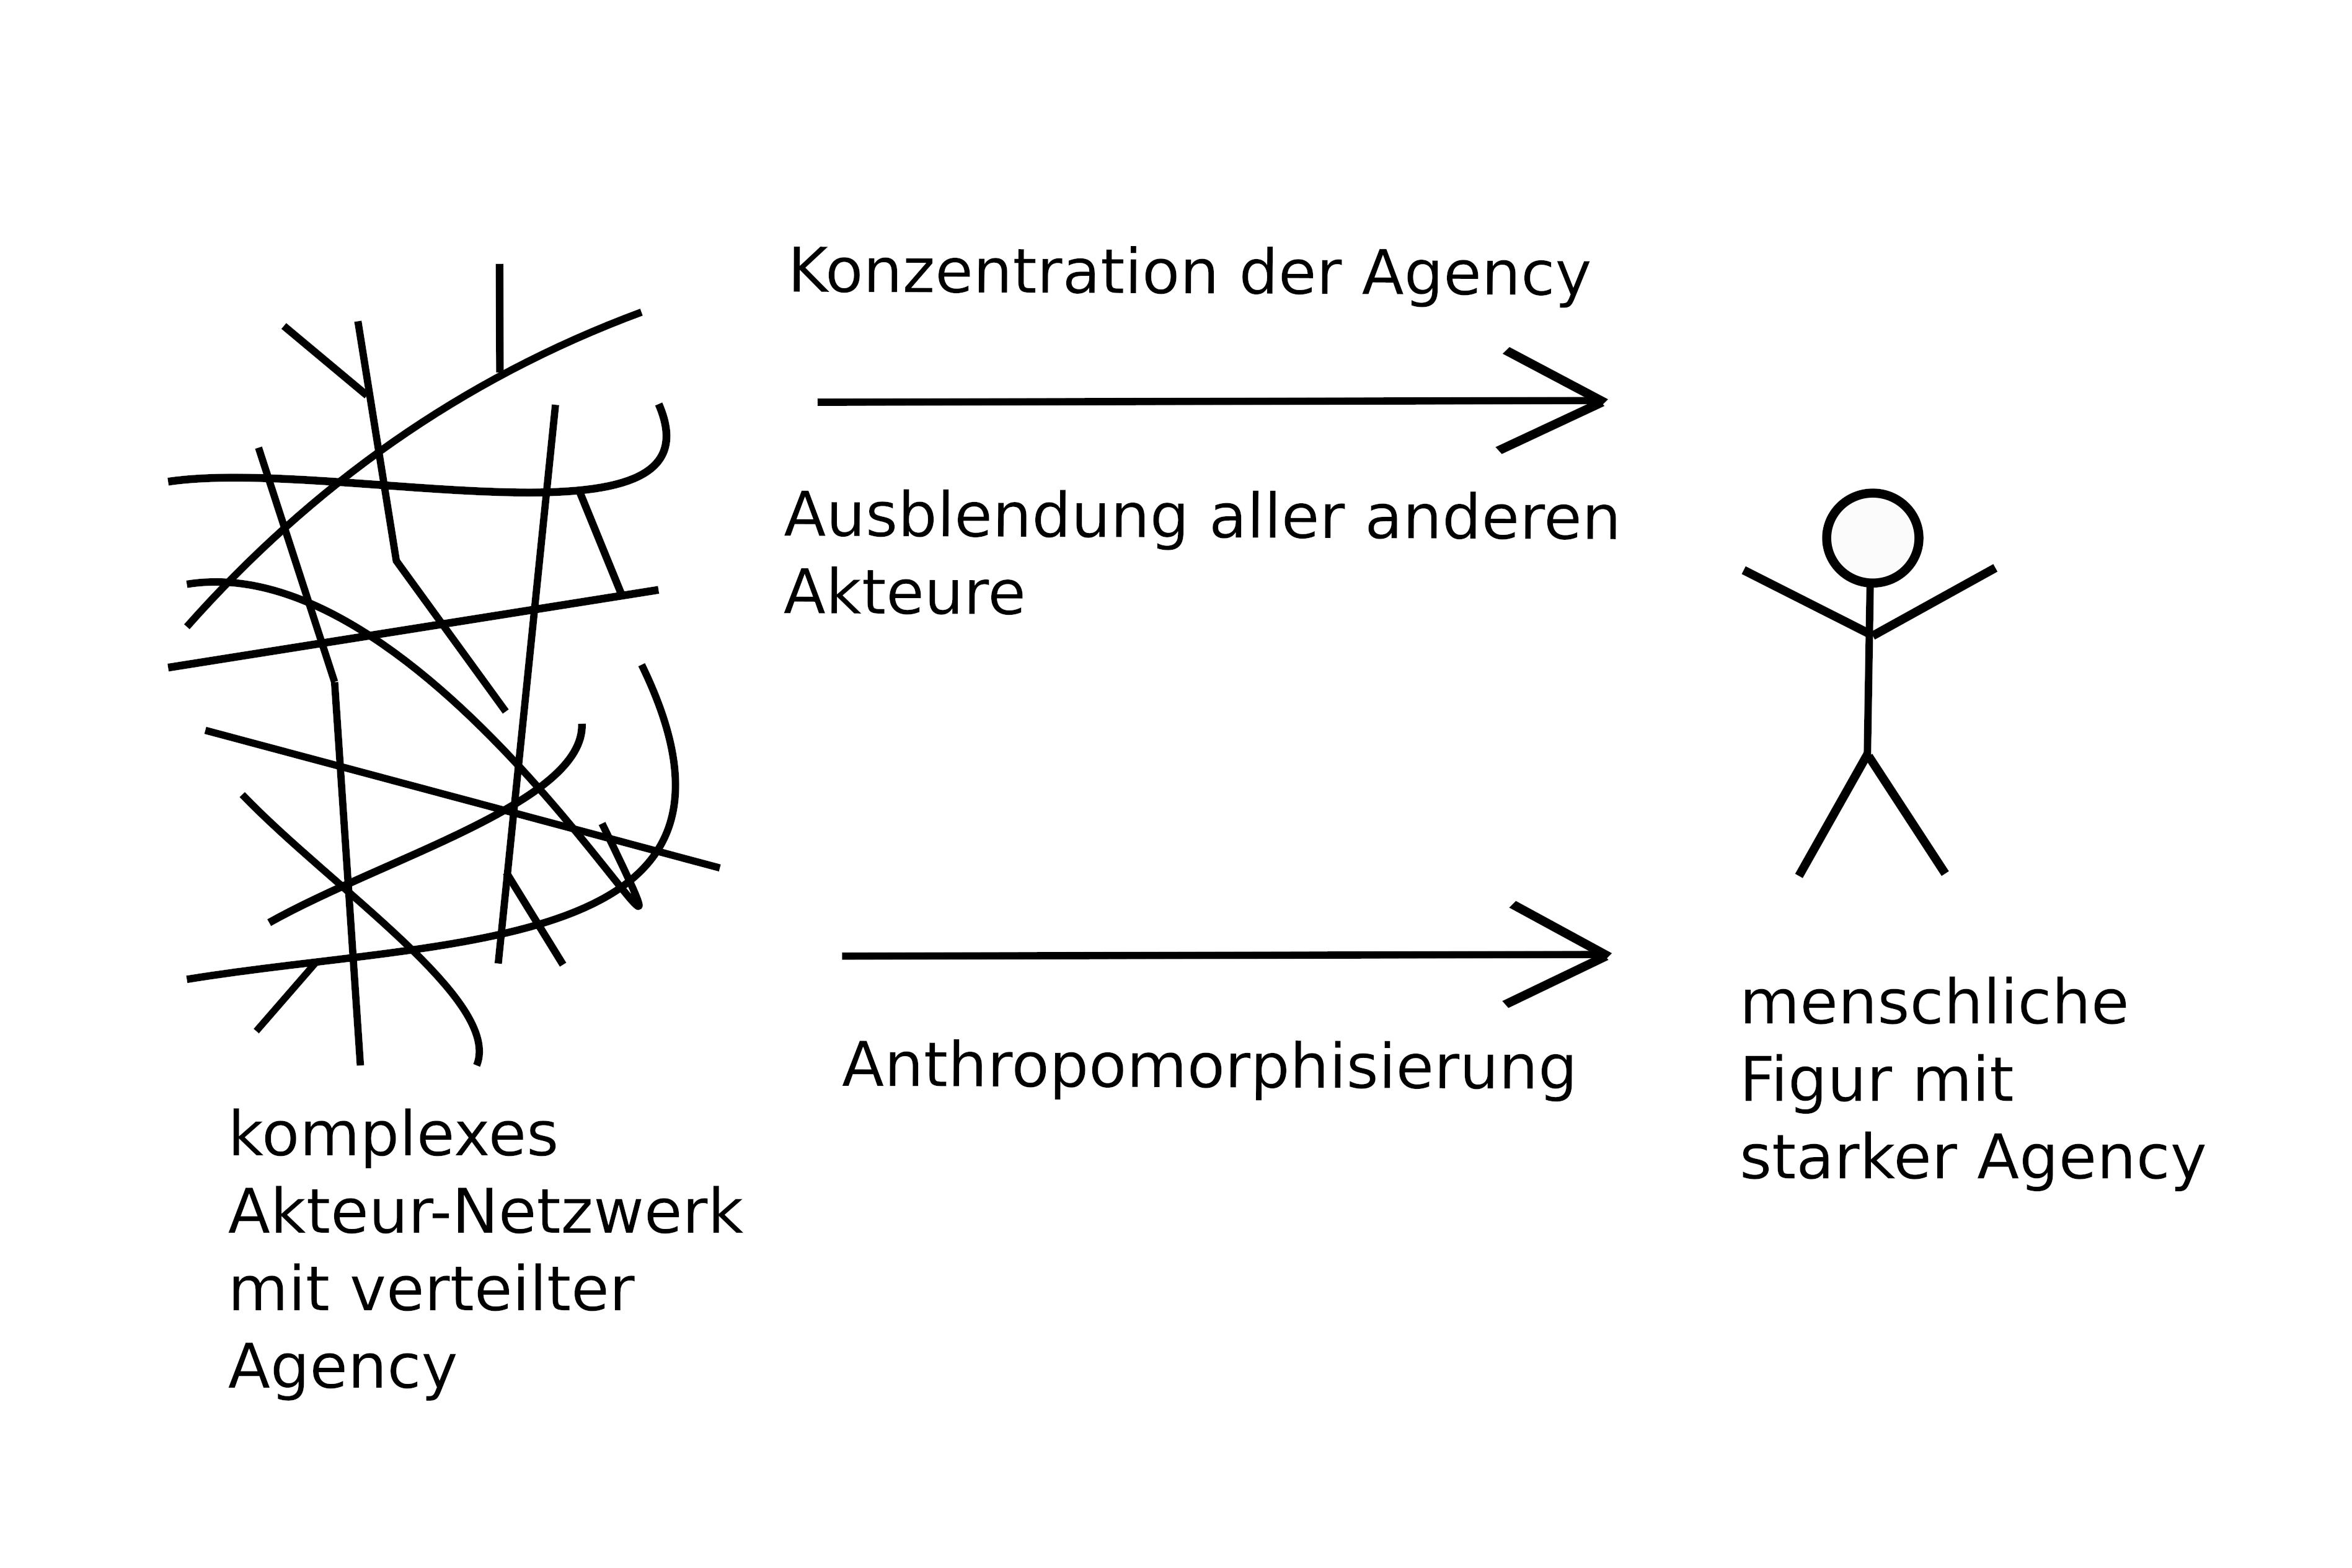 Schema zu den Prozessen der Konzentration der Agency und der Anthropomorphisierung